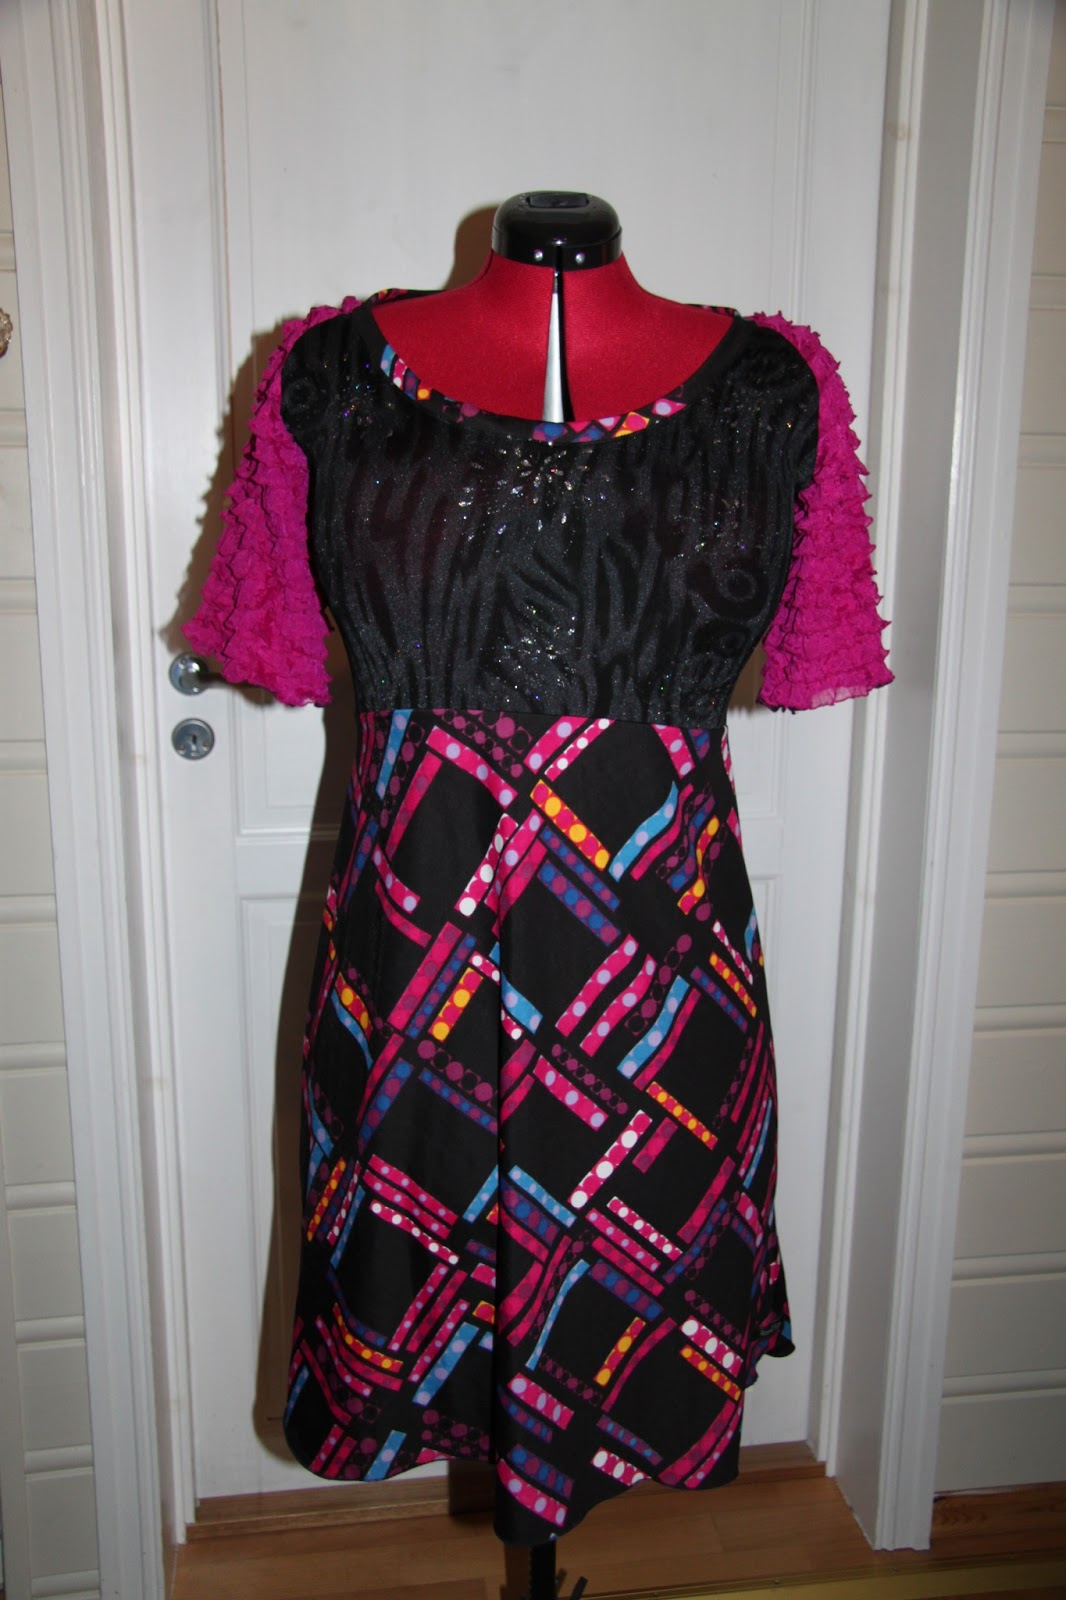 17e41b2bcc39 I kveld har eg sydd ferdig 2 nye kjolar. Her er den eine. Var innom Fretex  på Voss i helga og då fann eg bl.a ein nydeleg retrokjole som eg tenkte ...